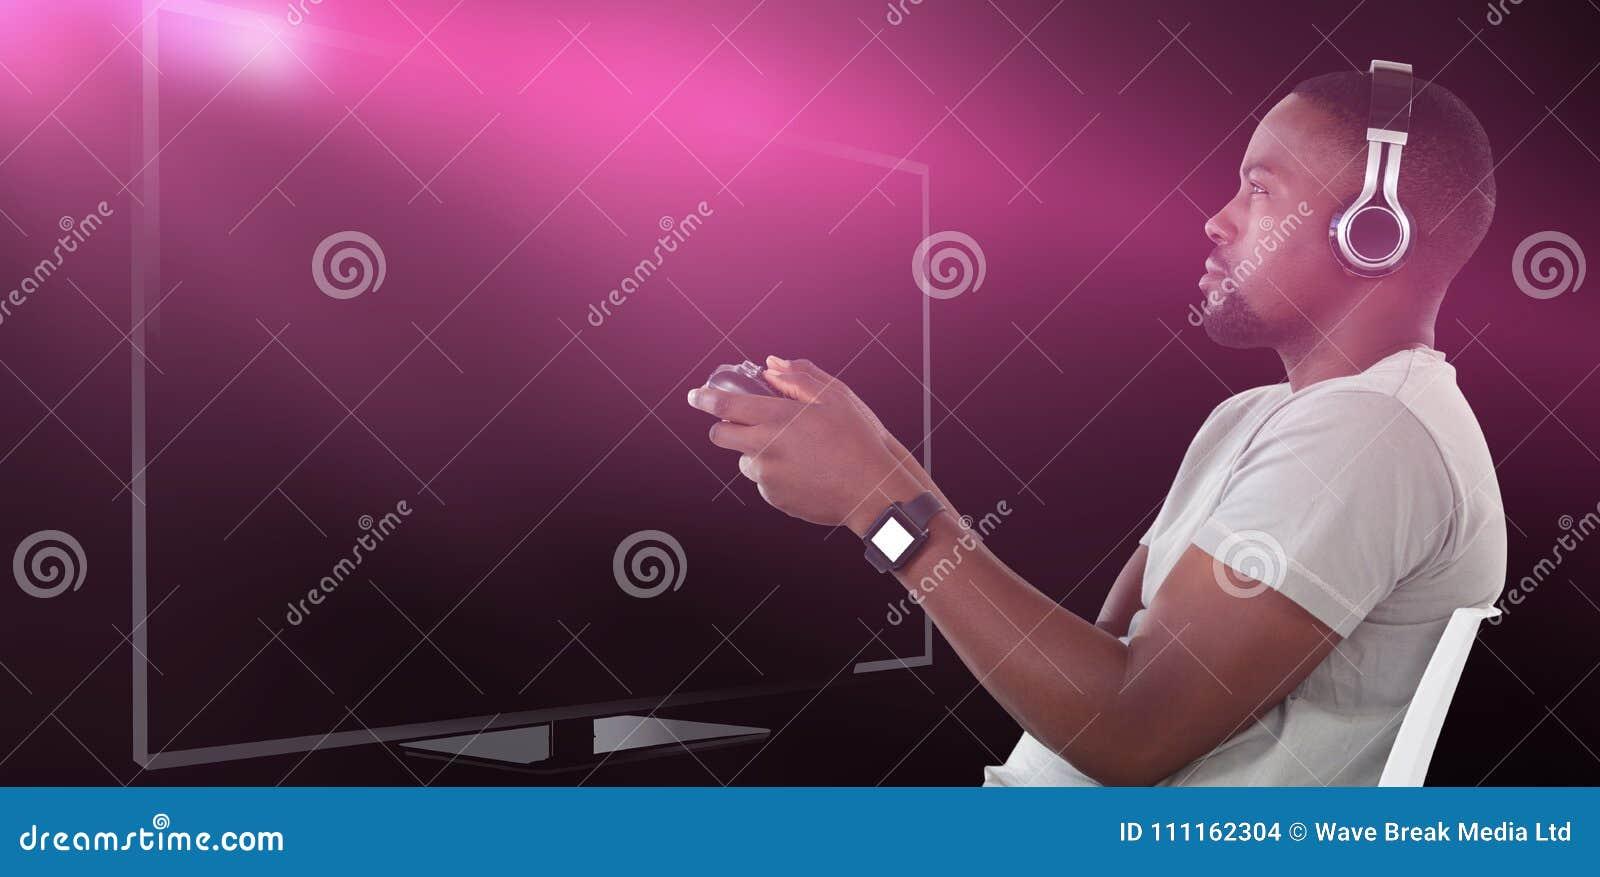 Imagen compuesta del hombre que juega al videojuego contra el fondo blanco